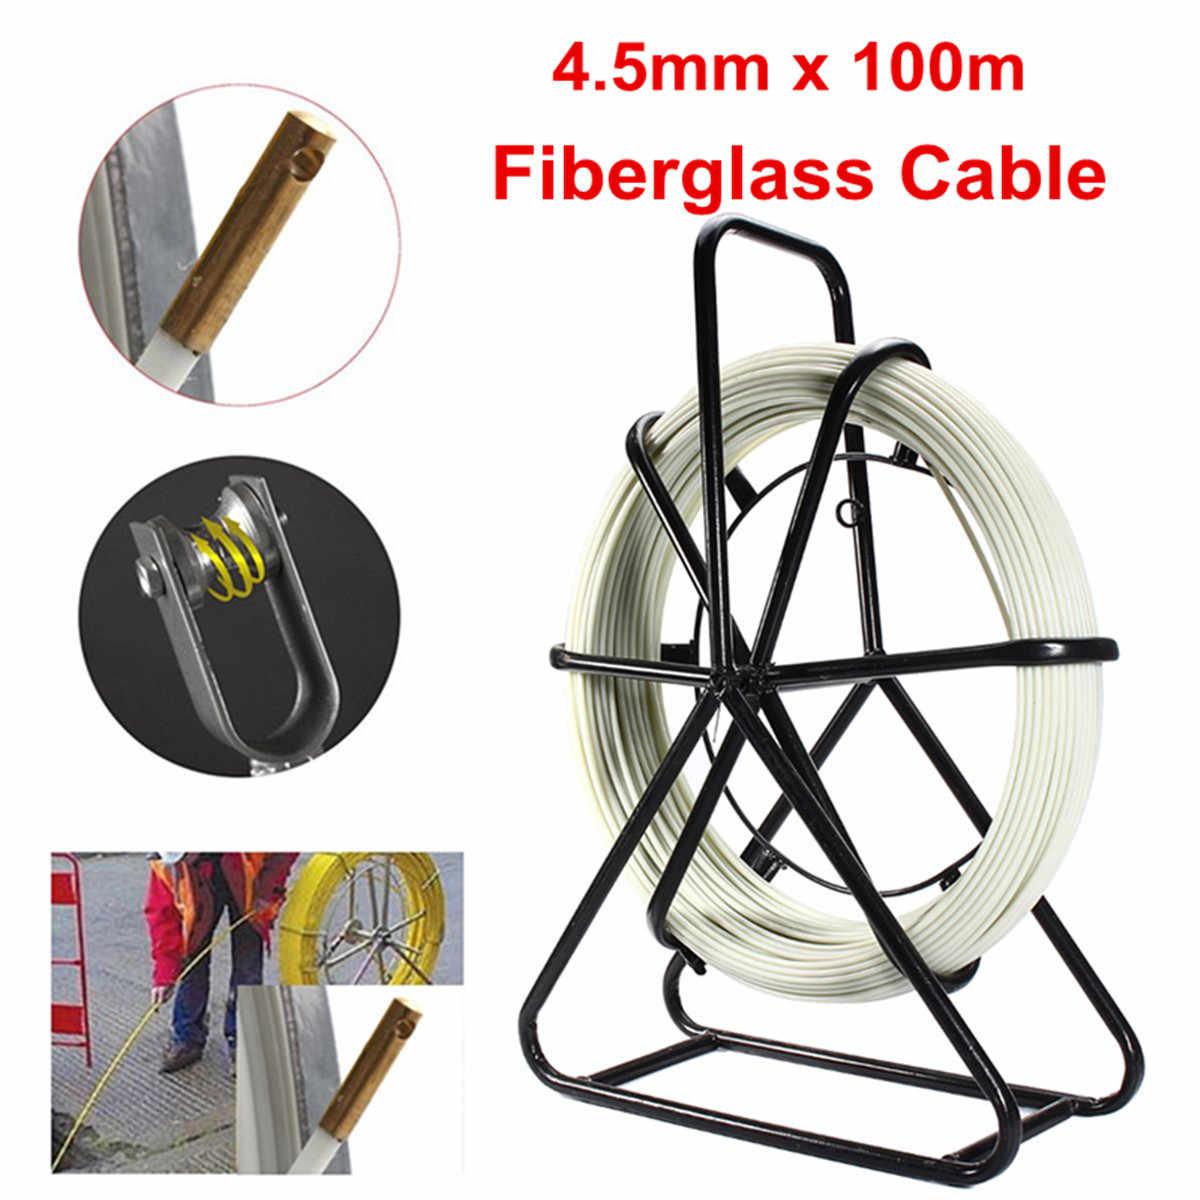 Bande de poisson Portable 4.5mm 100m | Fil de fiber de verre, conduit de course, bande de poisson, extracteur de bande de poisson, Guide de course, tige de câblage